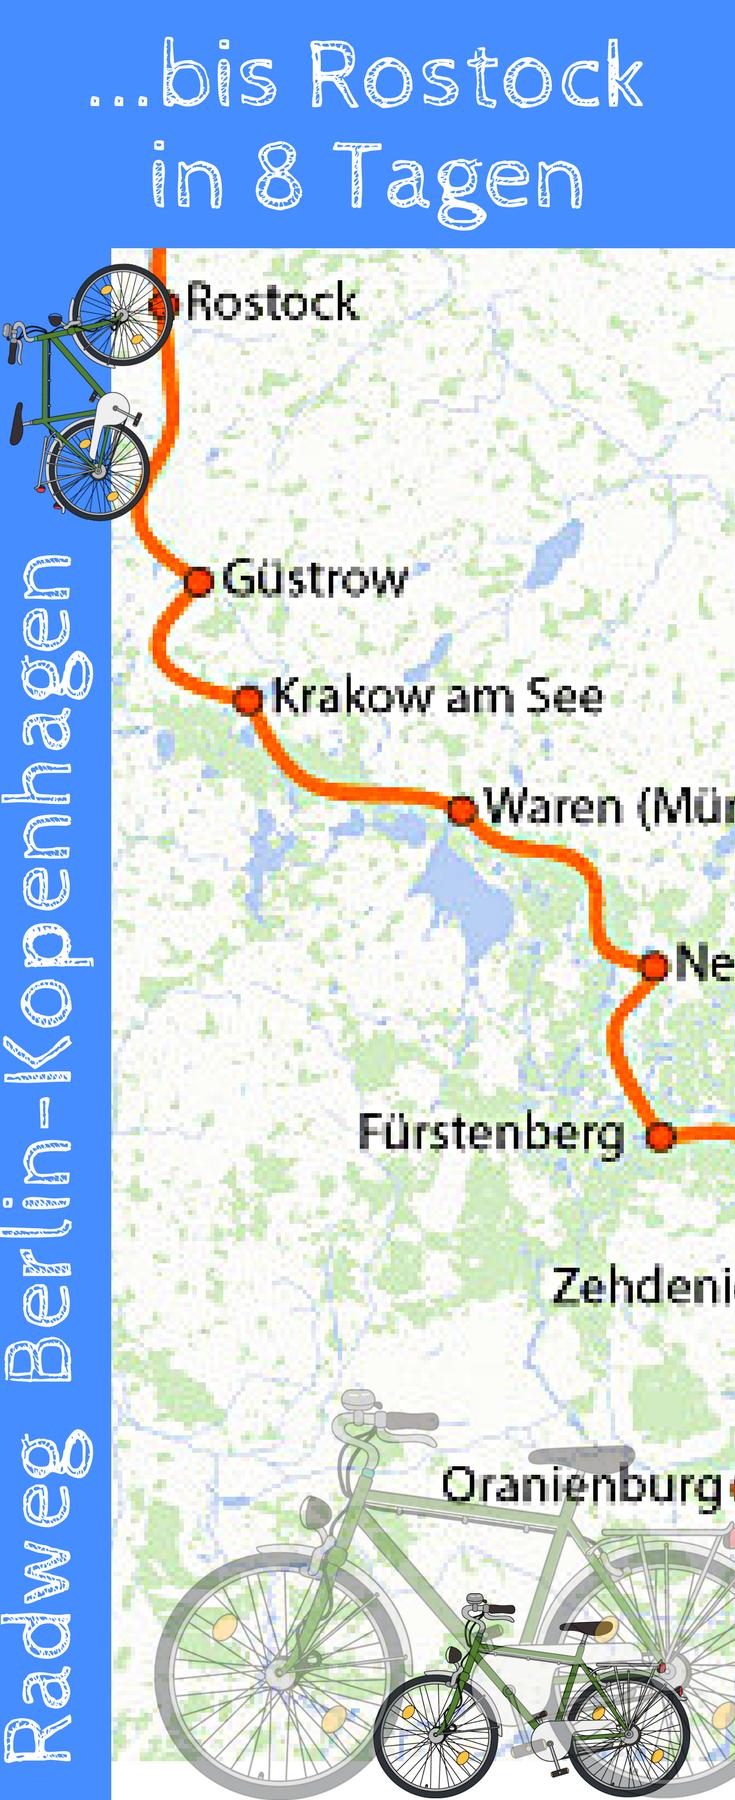 In 8 Tagen Von Berlin An Die Ostsee Nach Rostock Auf Dem Radweg